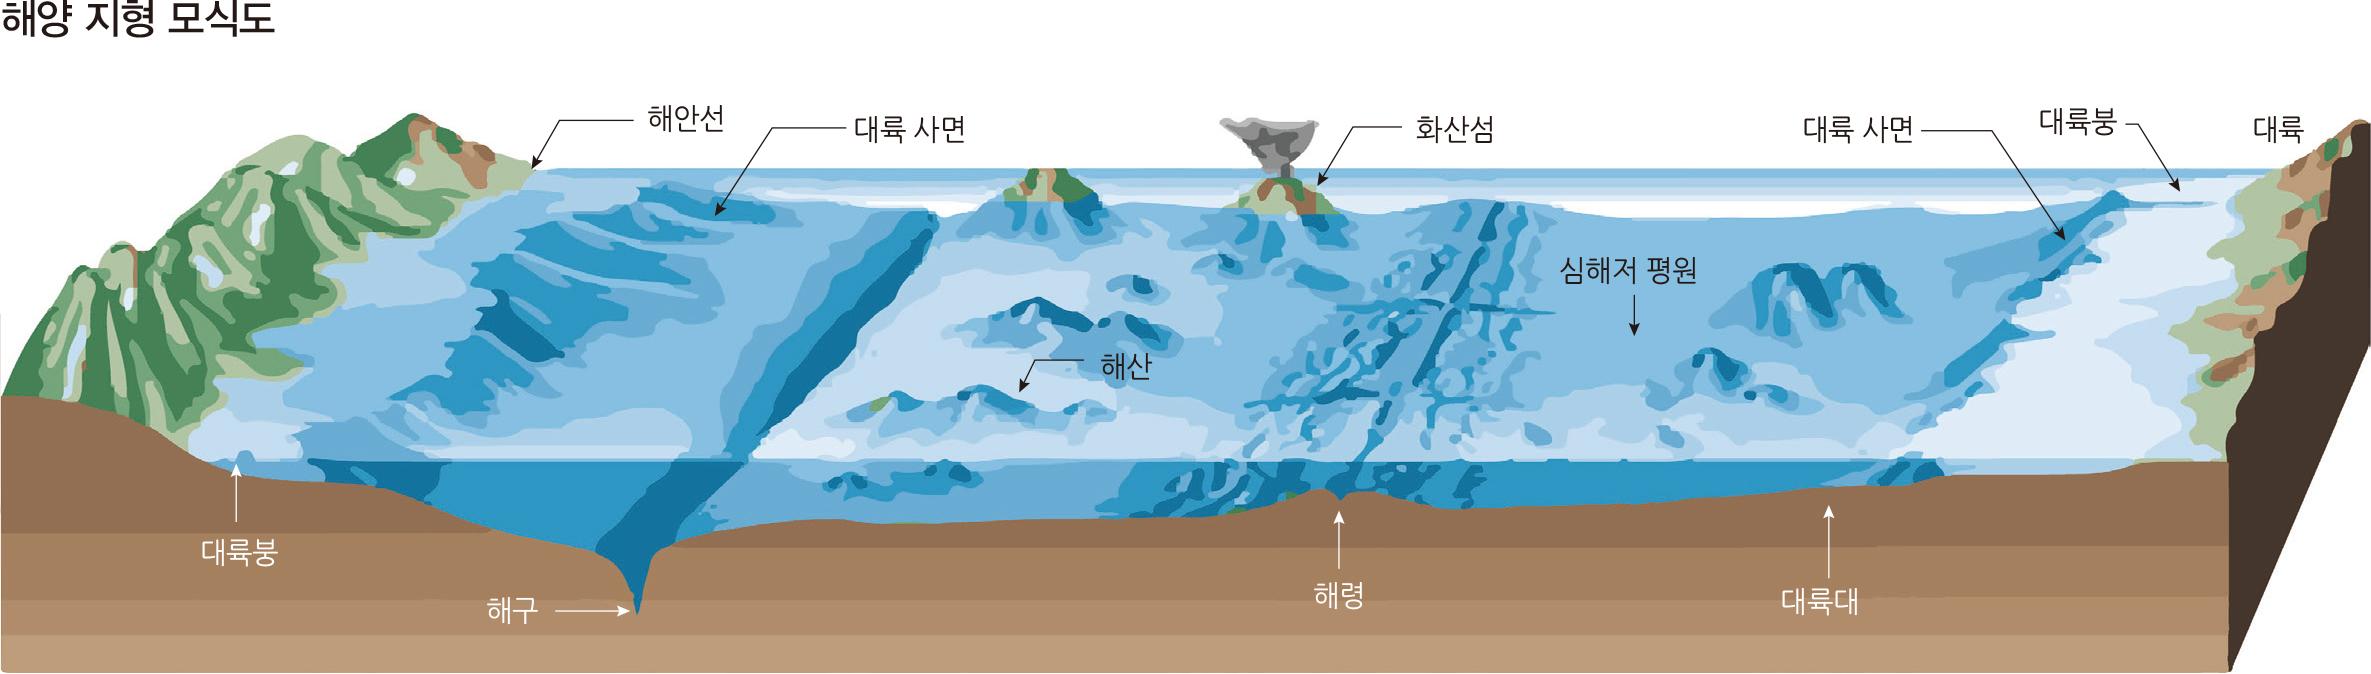 해양 지형 모식도